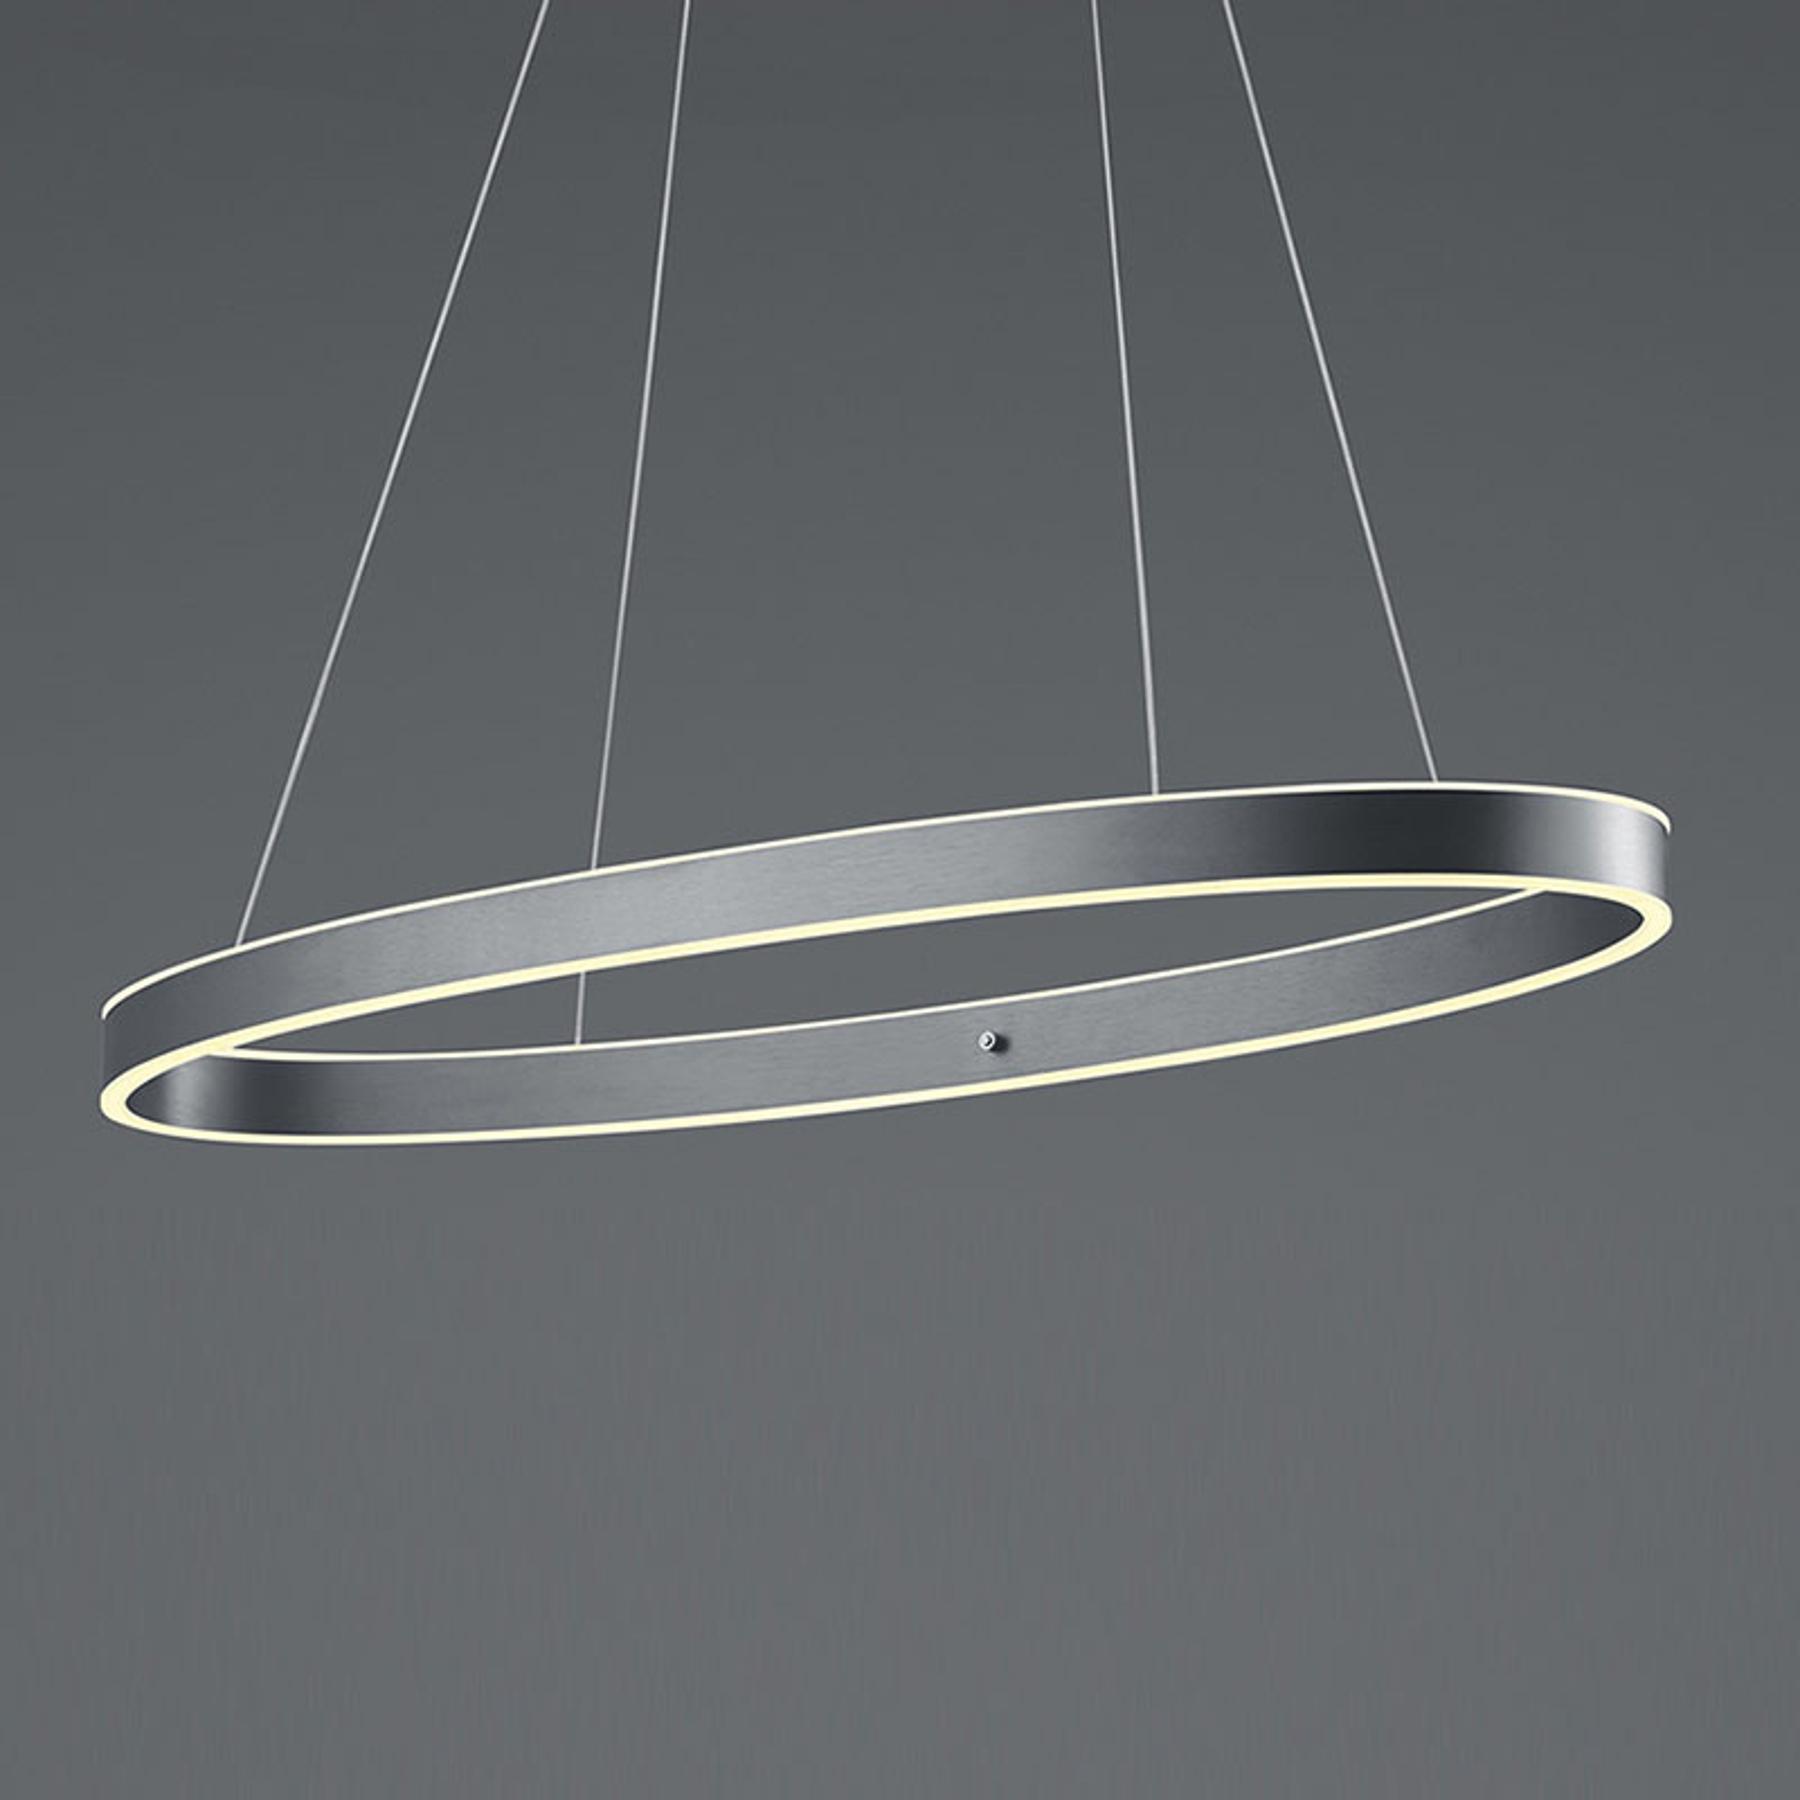 B-Leuchten Delta LED-Hängeleuchte, anthrazit